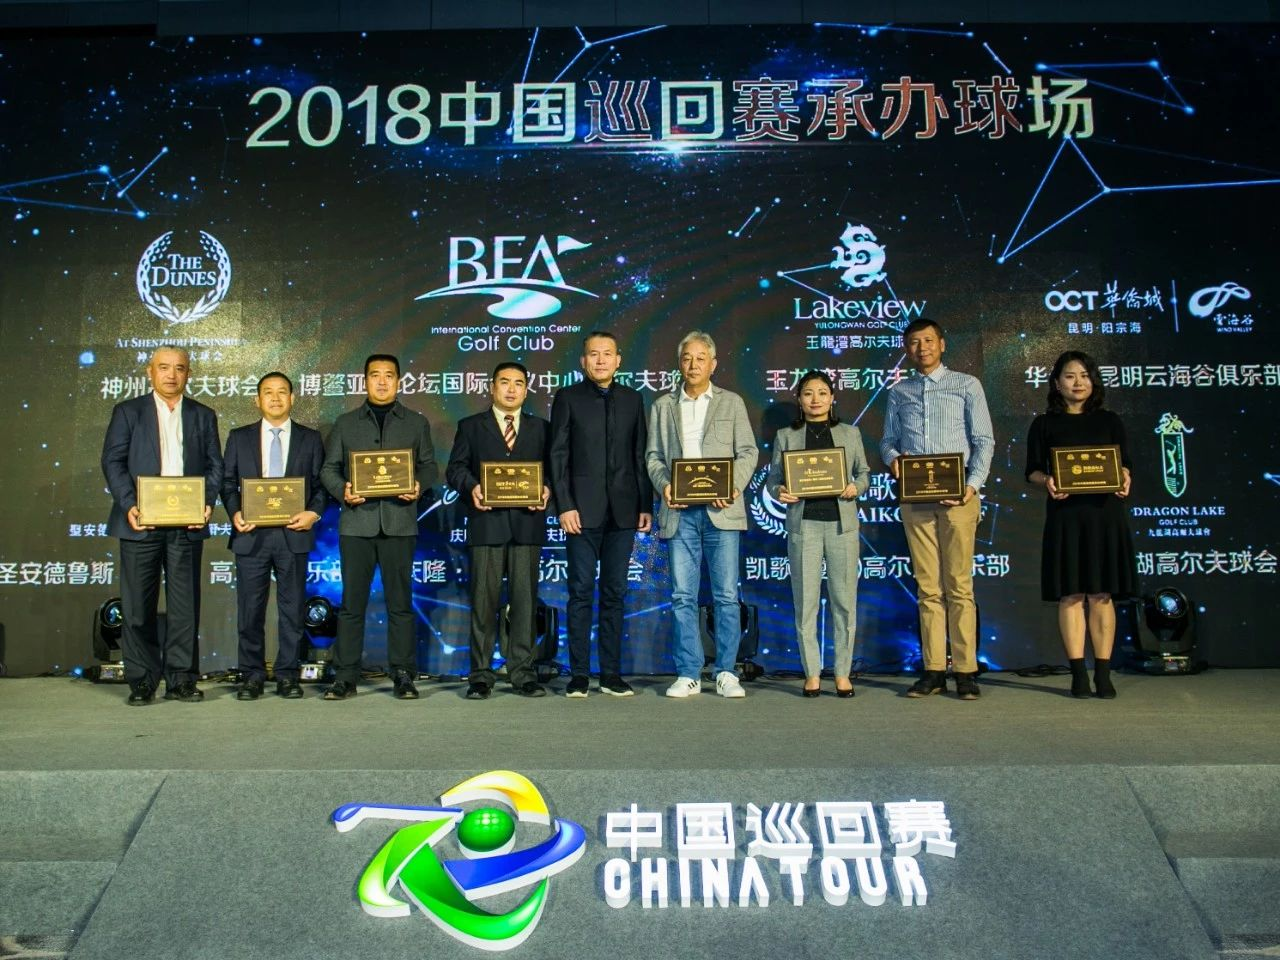 2018年度中国巡回赛承办球场.jpg